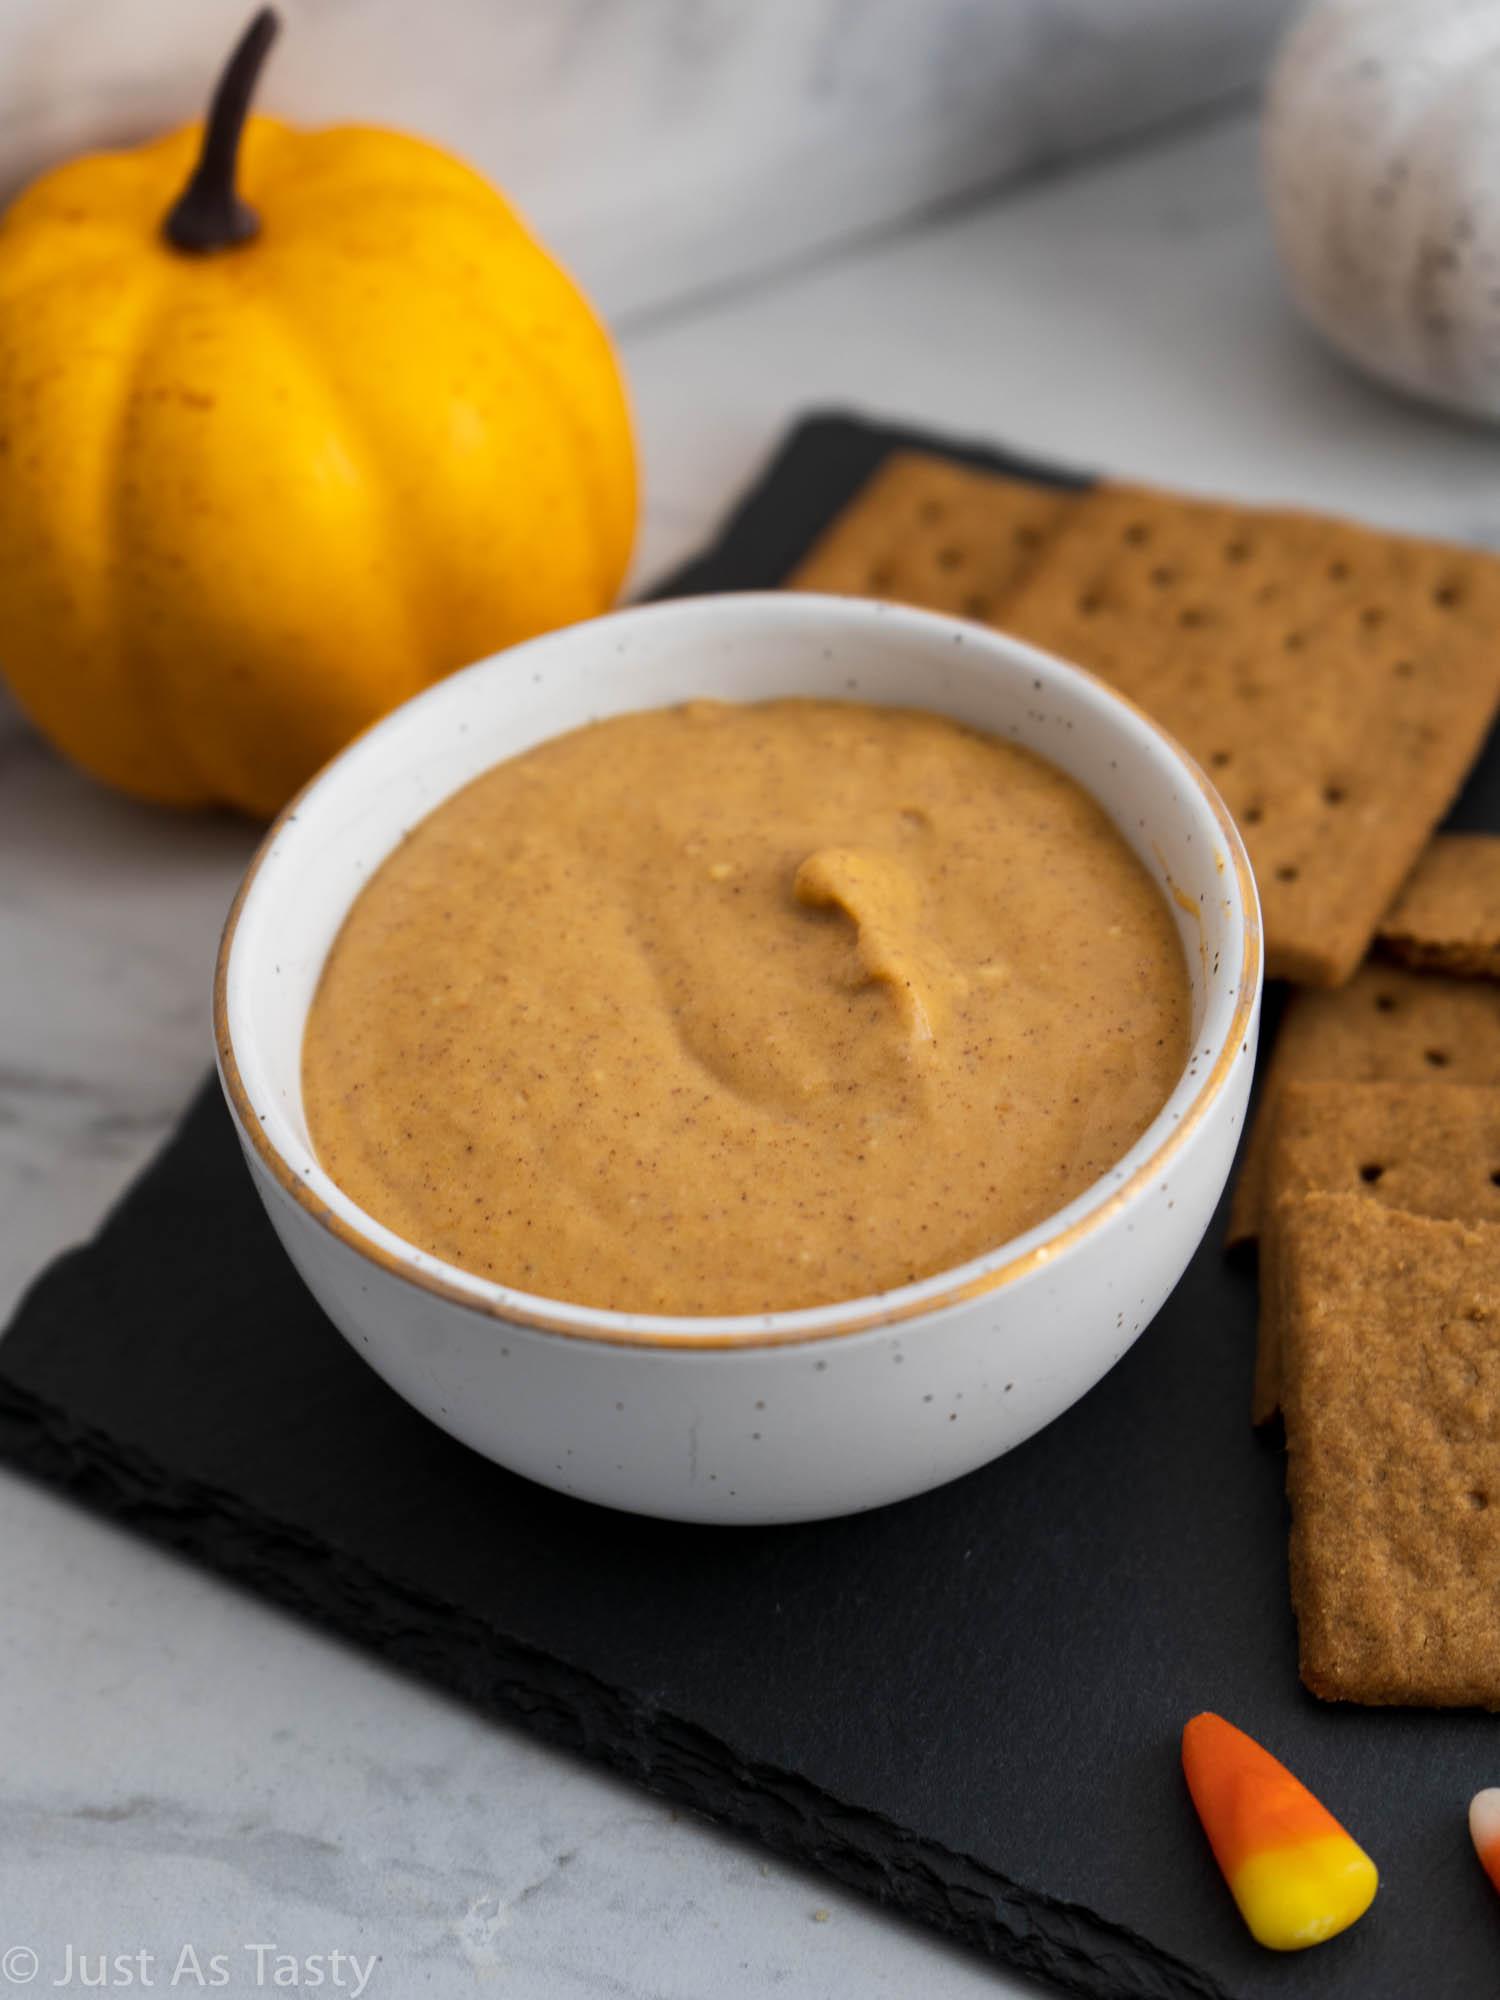 Pumpkin cream cheese dip in a white bowl.